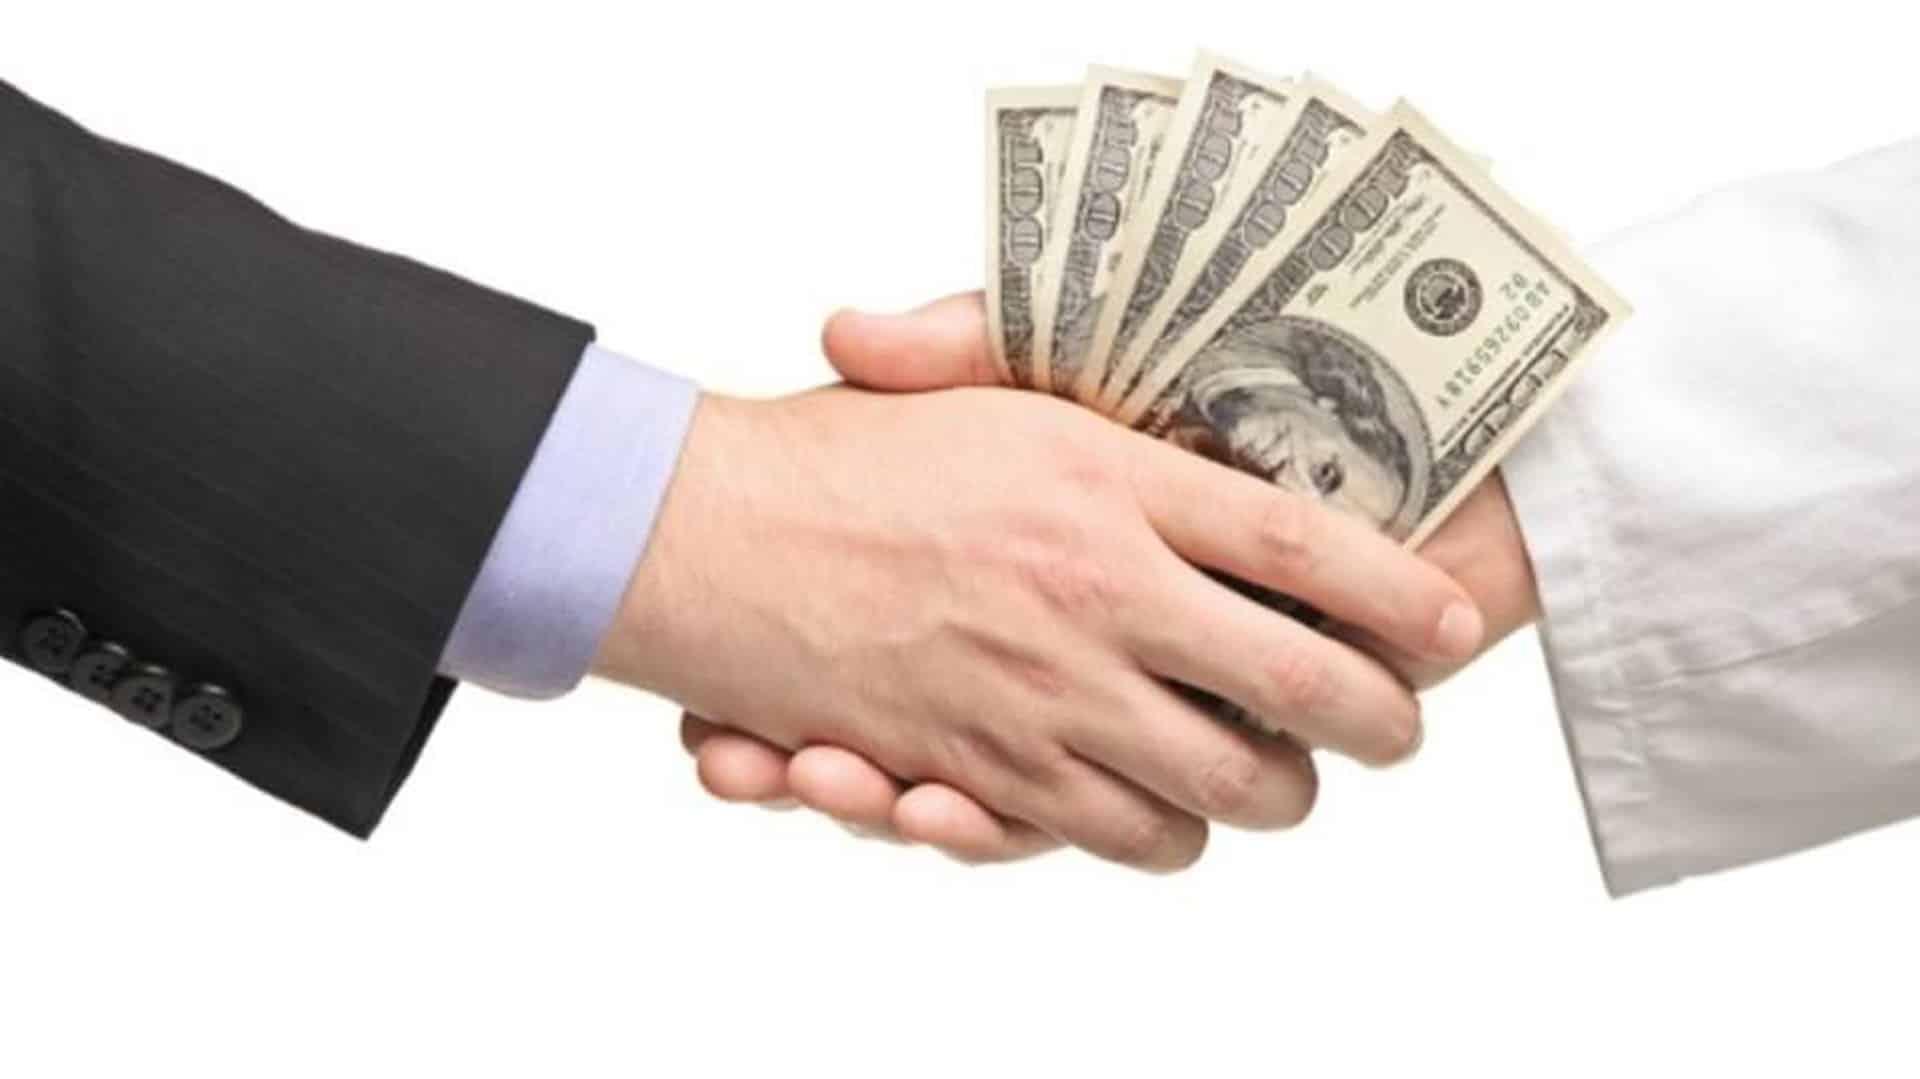 Weekly funding roundup: Venture funding sees slight uptick in last week of August